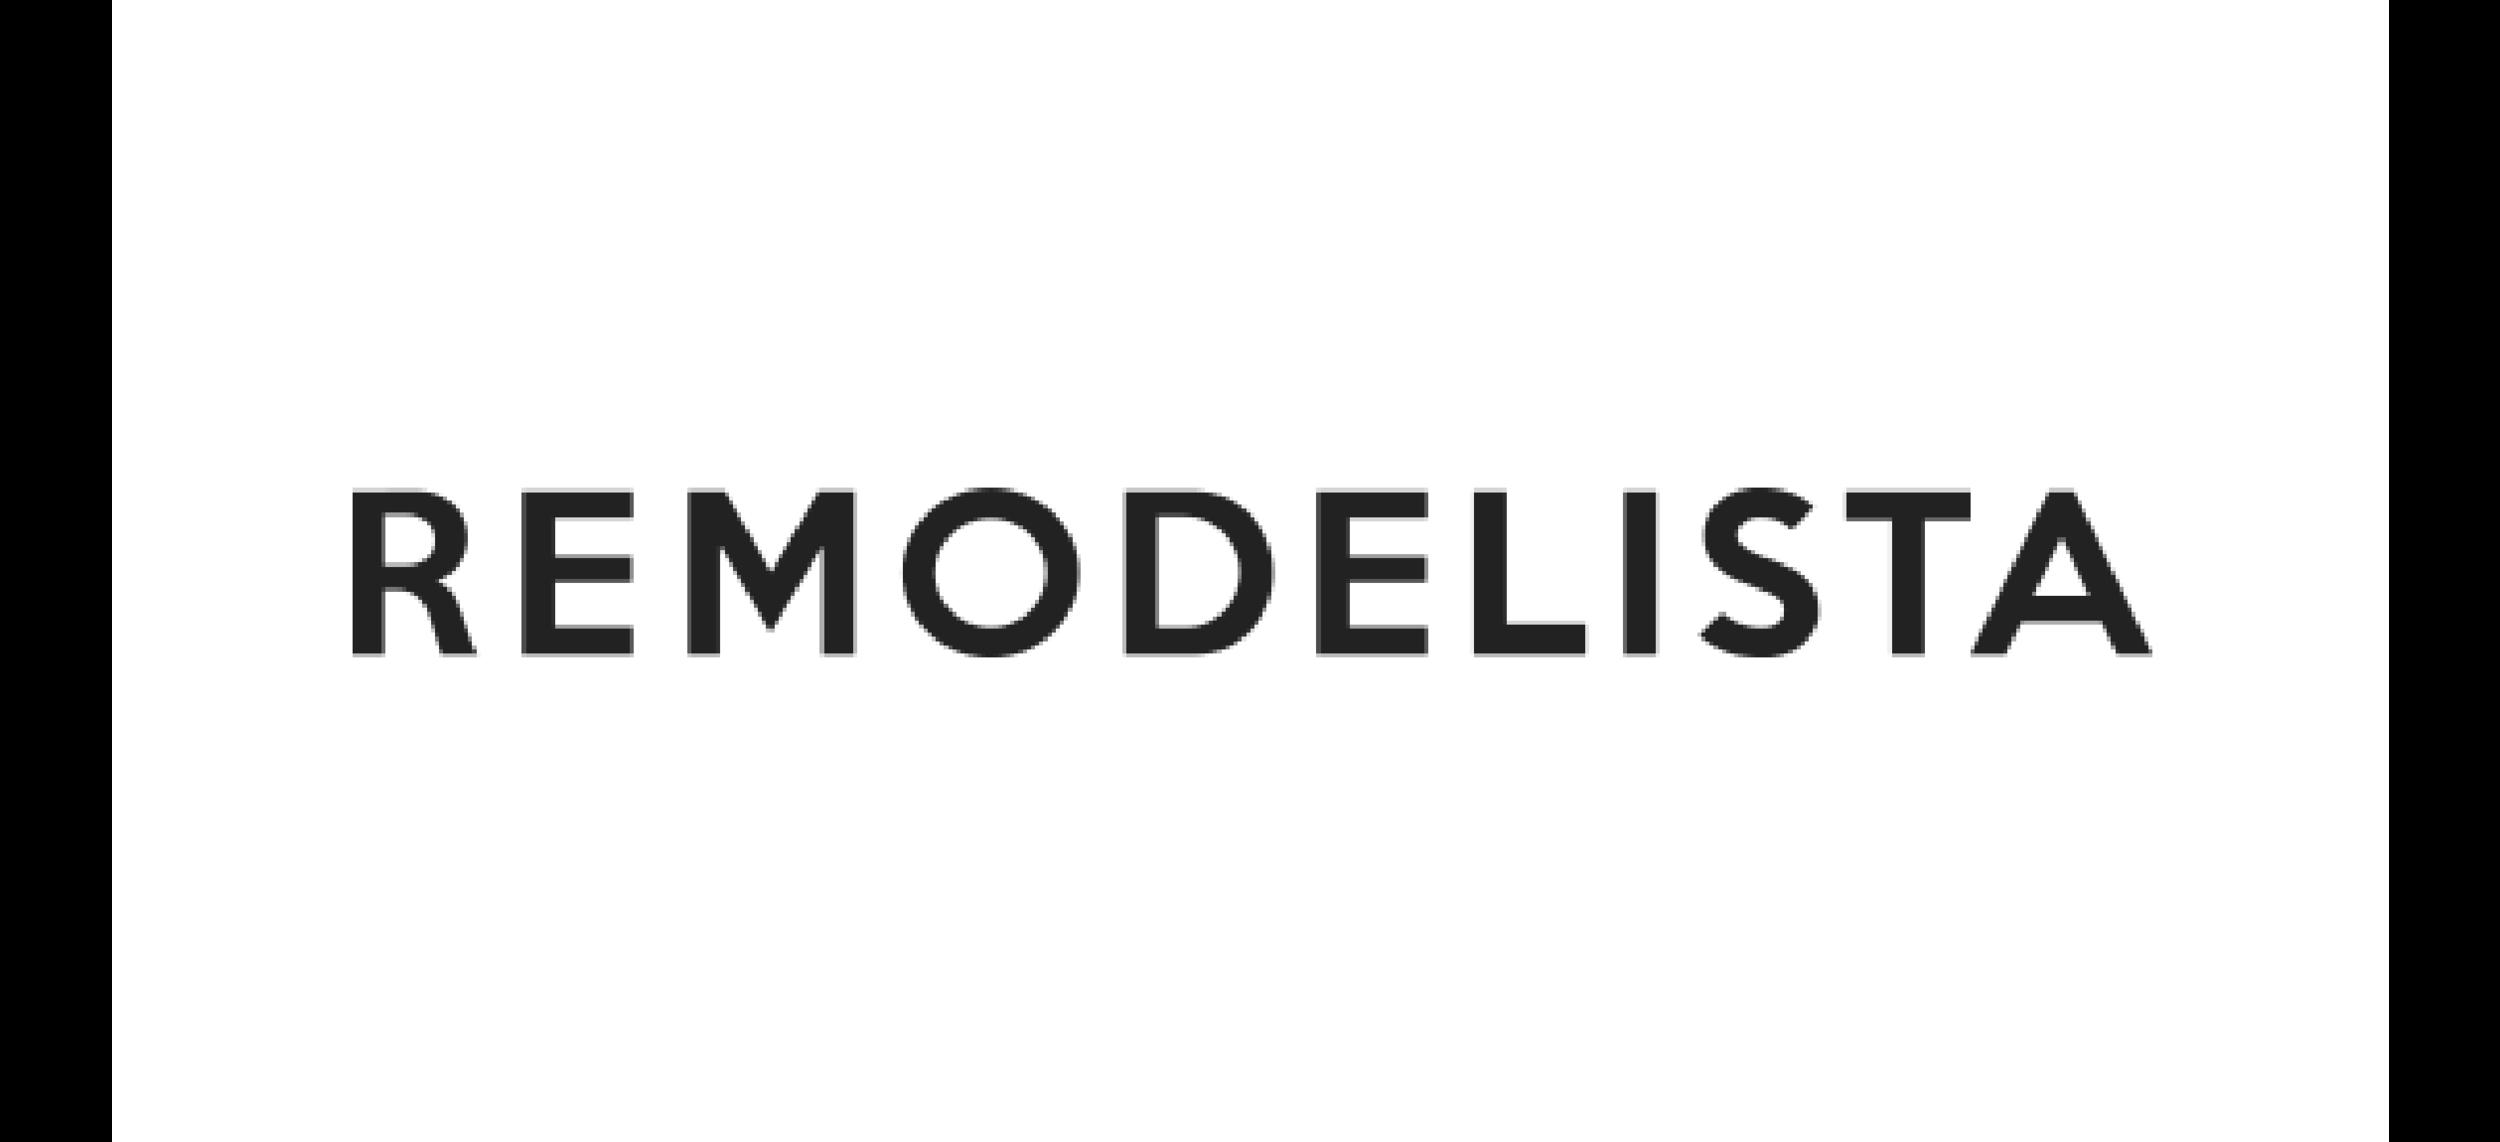 Image result for remodelista logo